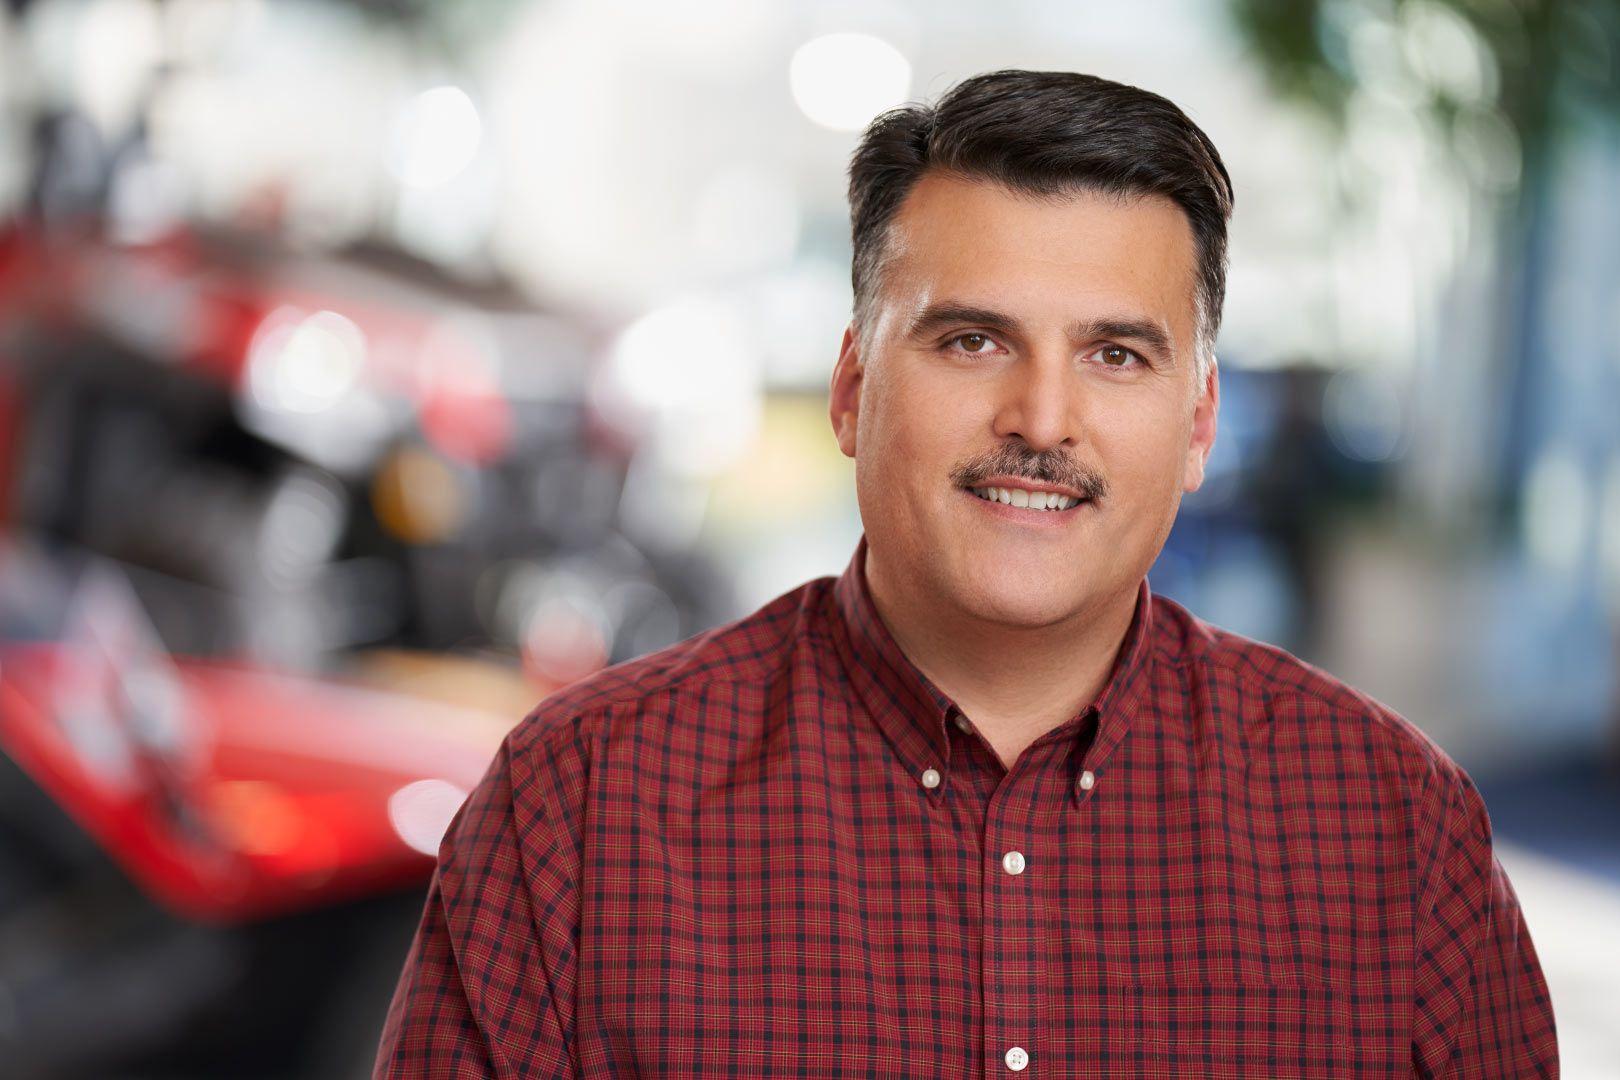 Polaris OHV President Steve Menneto.